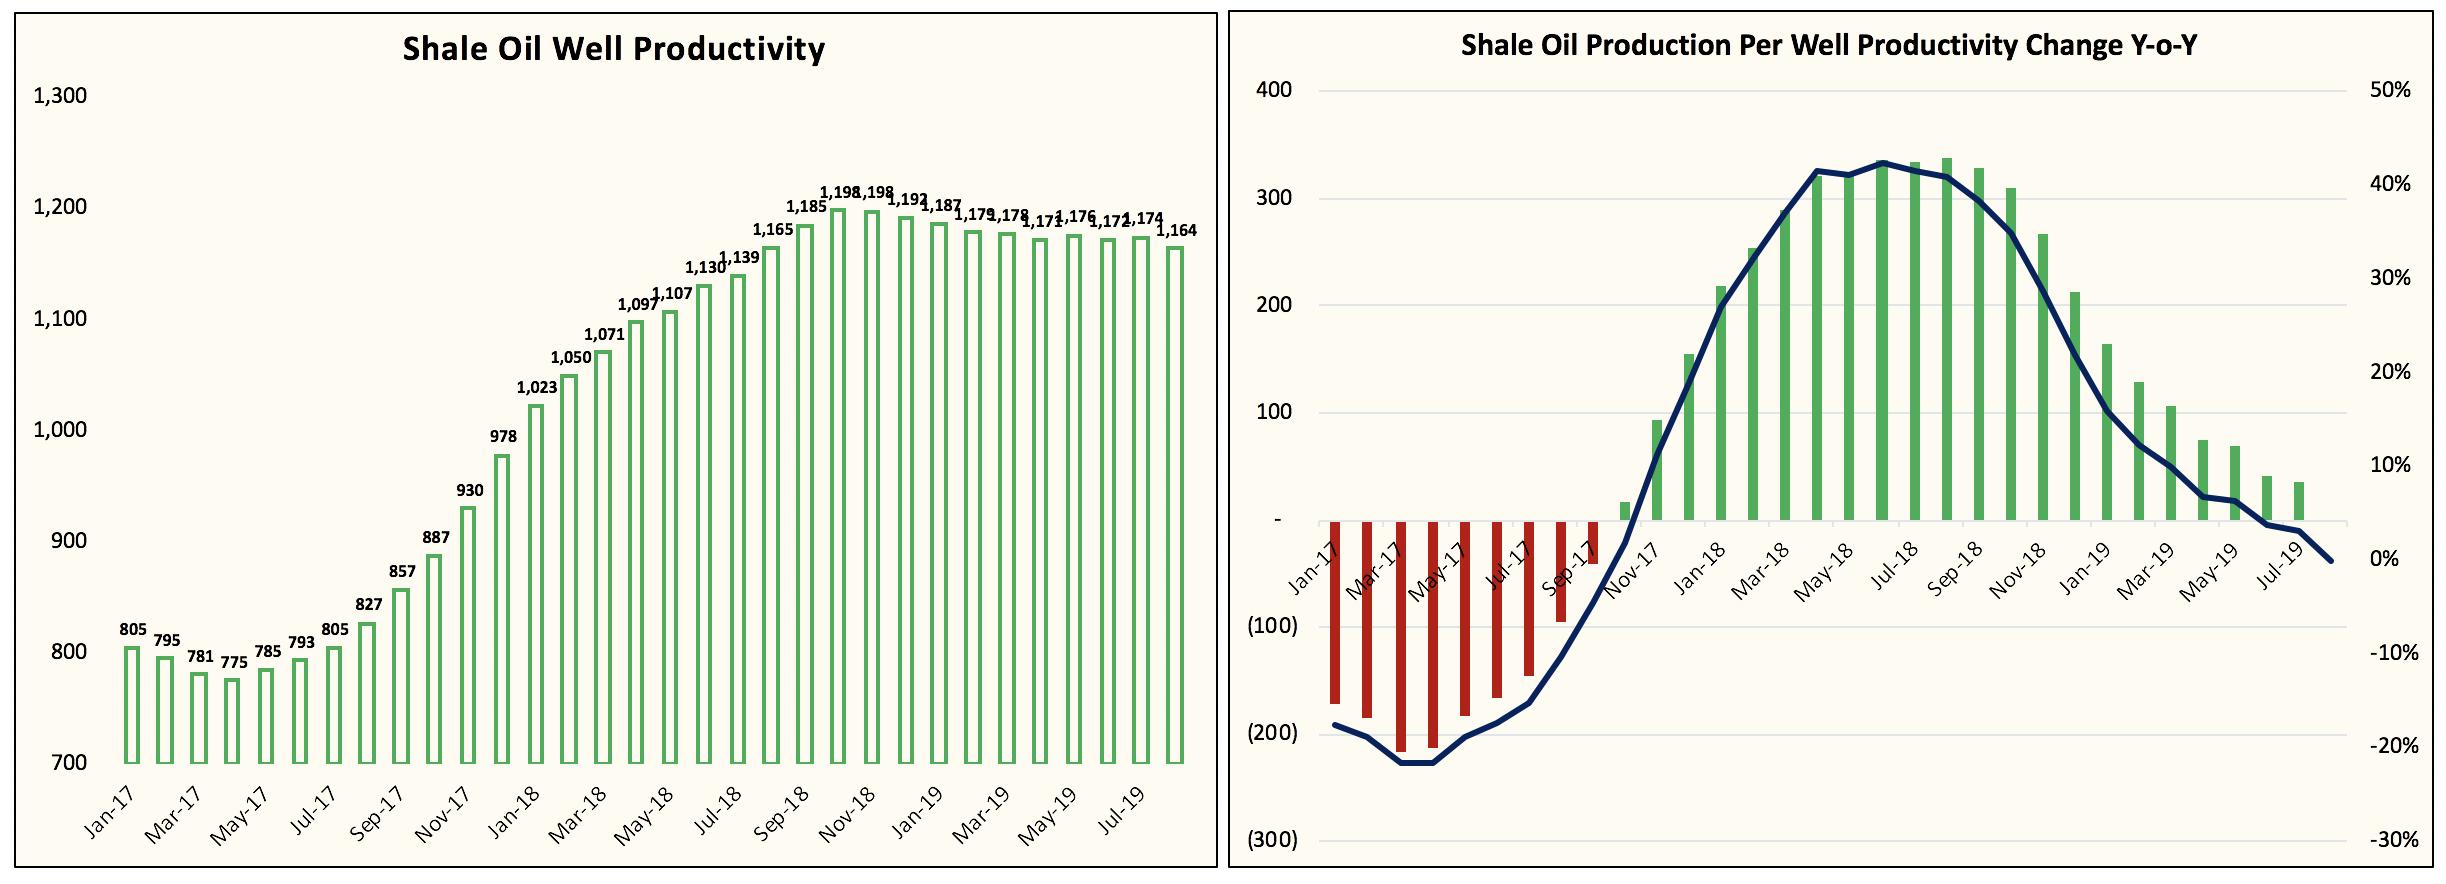 U.S. Shale Well Productivity Turns Negative Y-O-Y